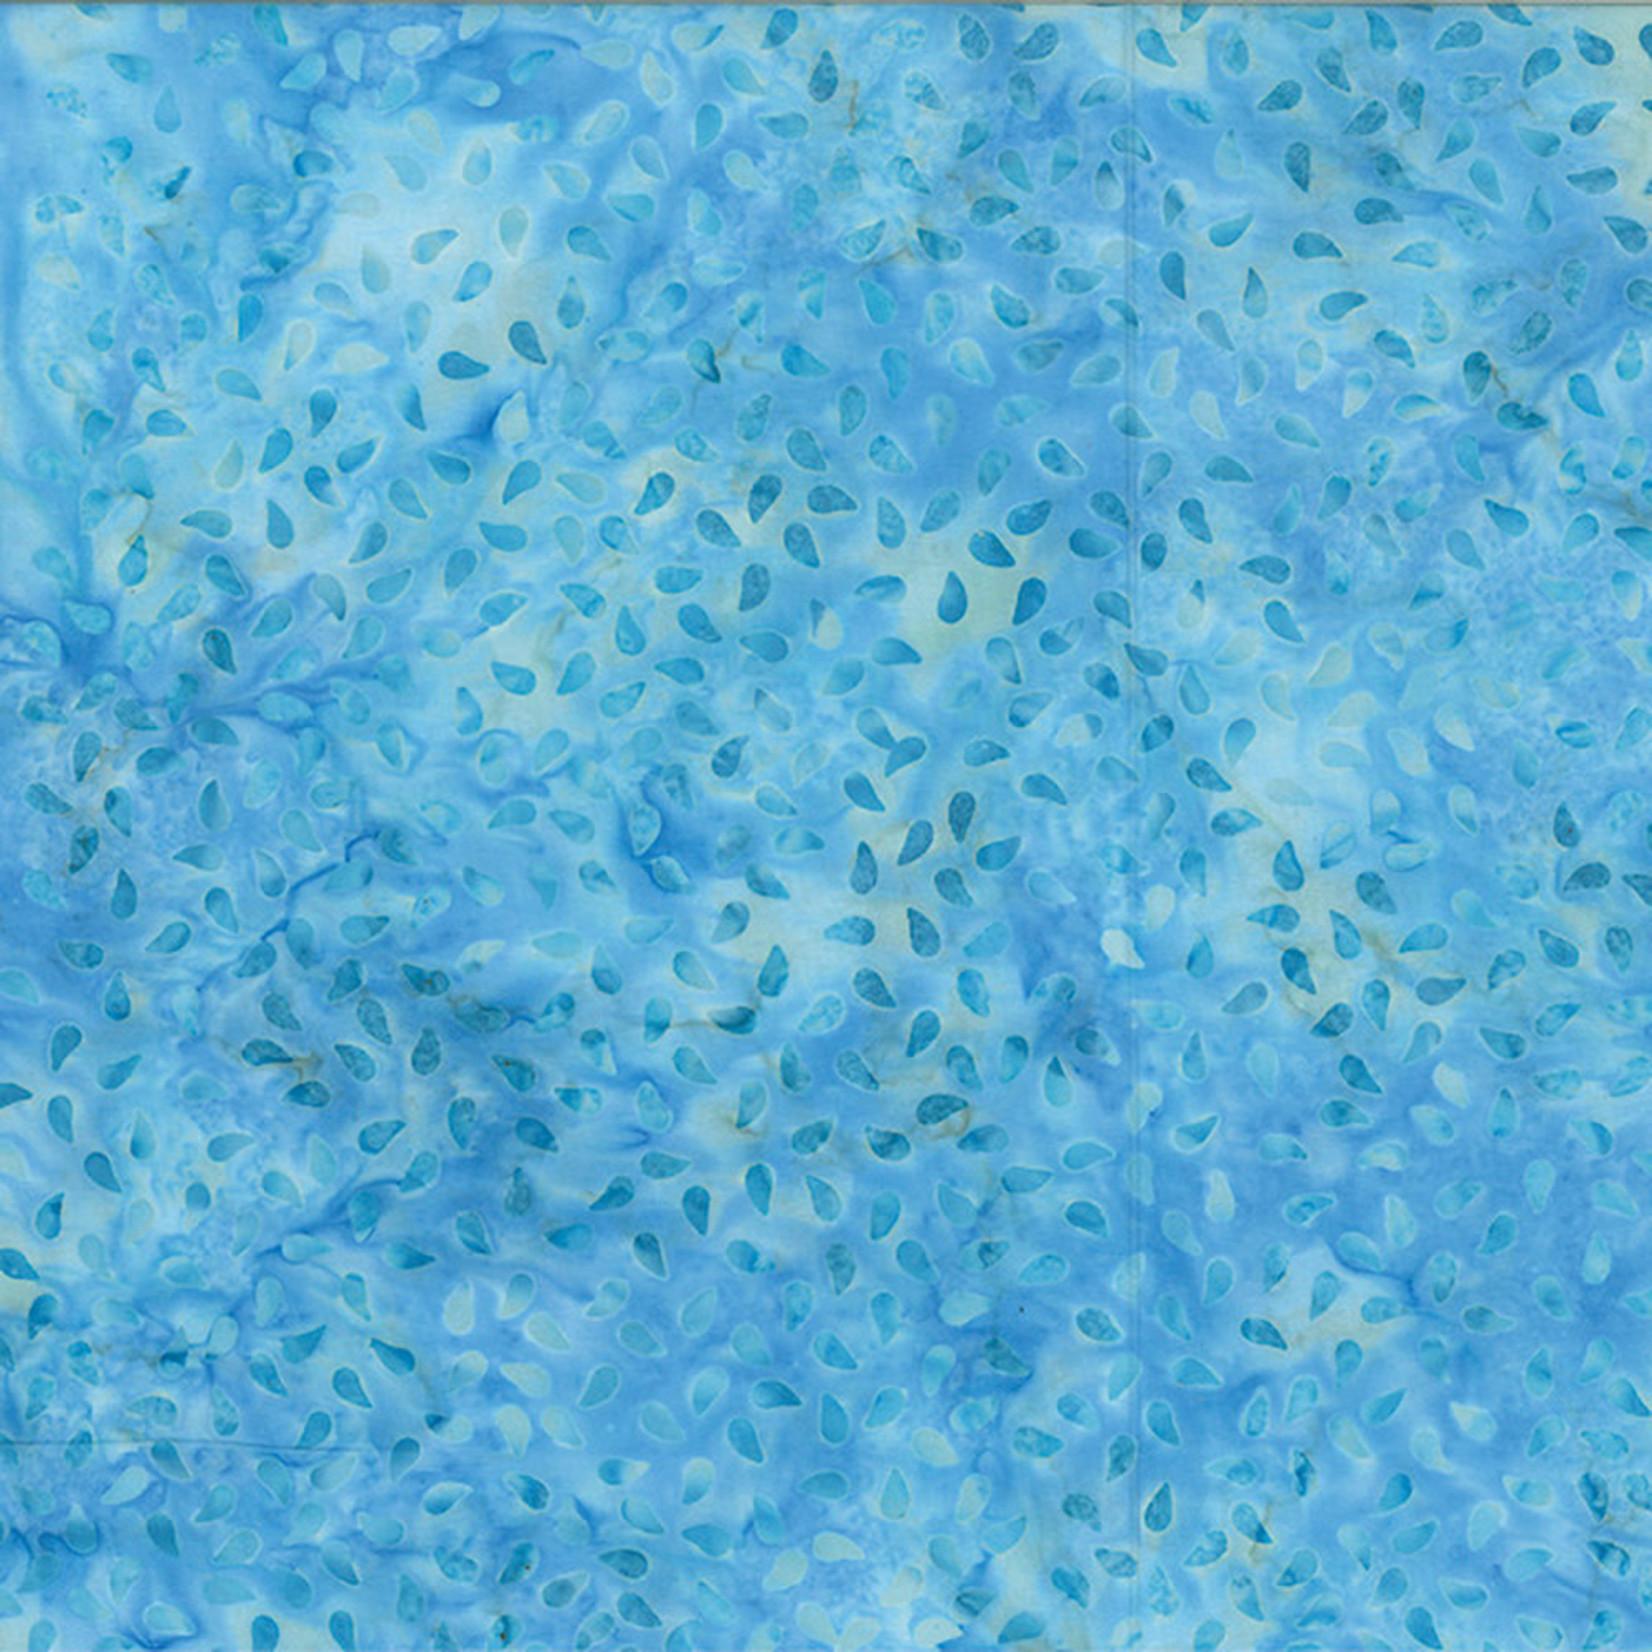 Hoffman Fabrics Bali Batik Raindrops - Sky